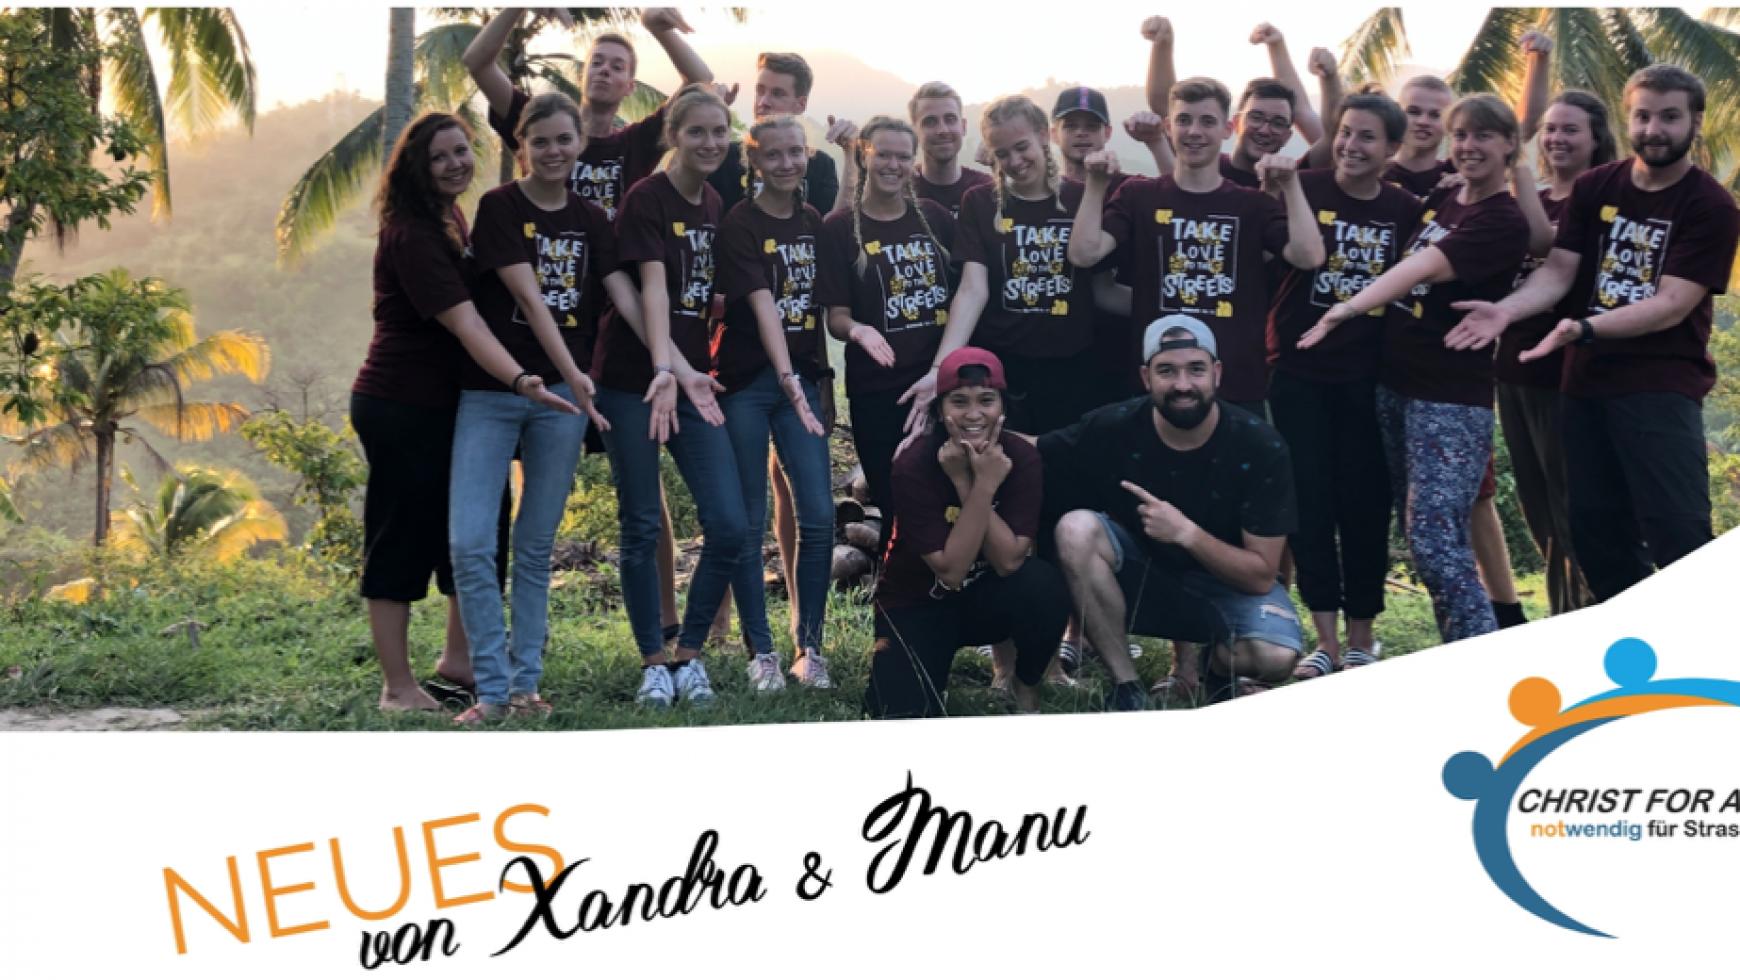 Neues von Xandra & Manu aus Cebu | September 2019